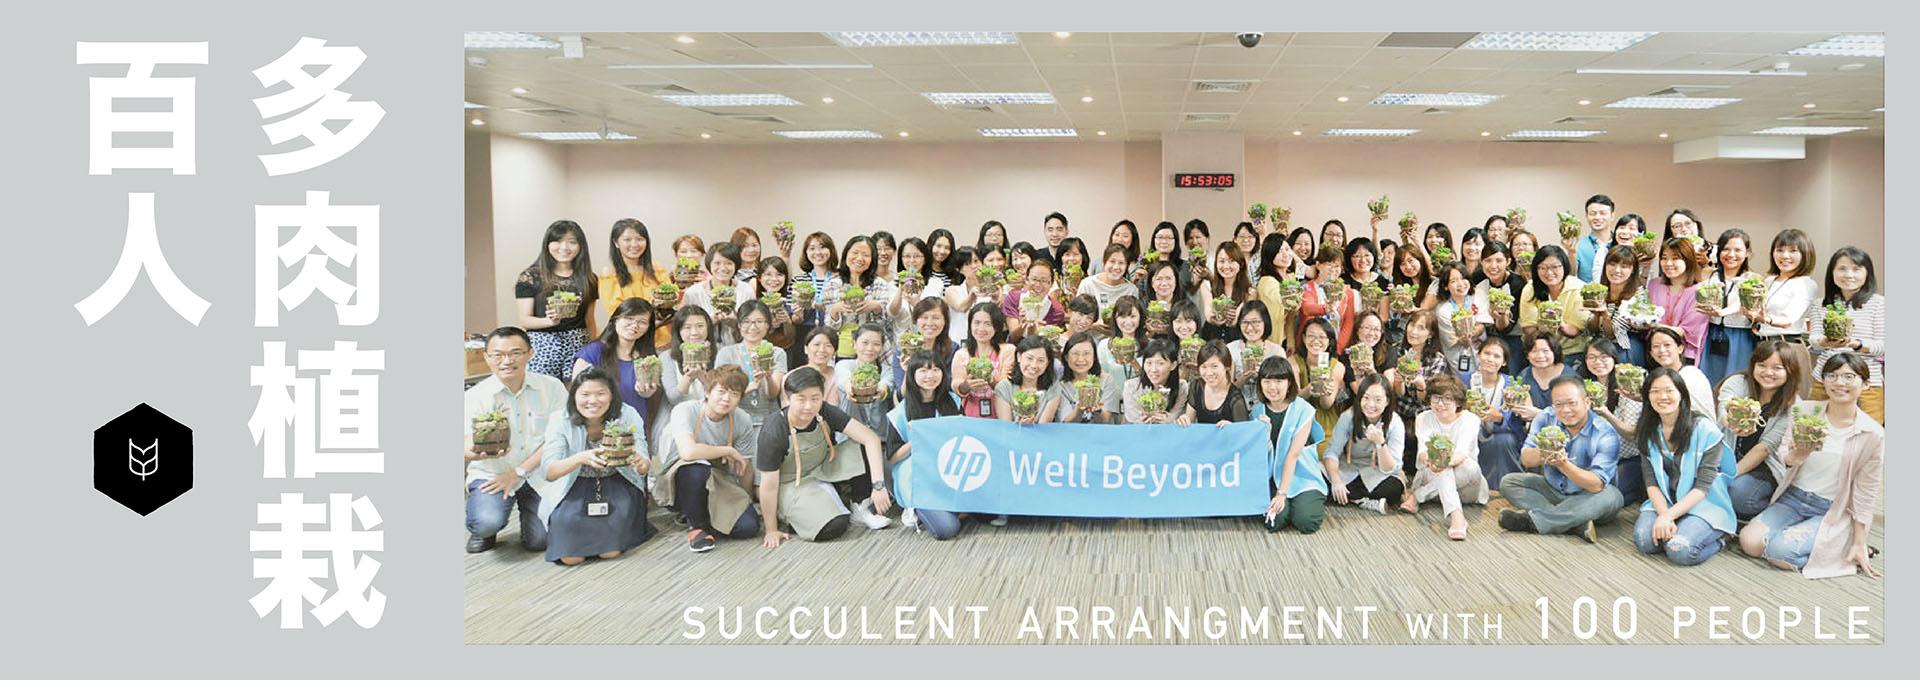 企業活動 banner 1